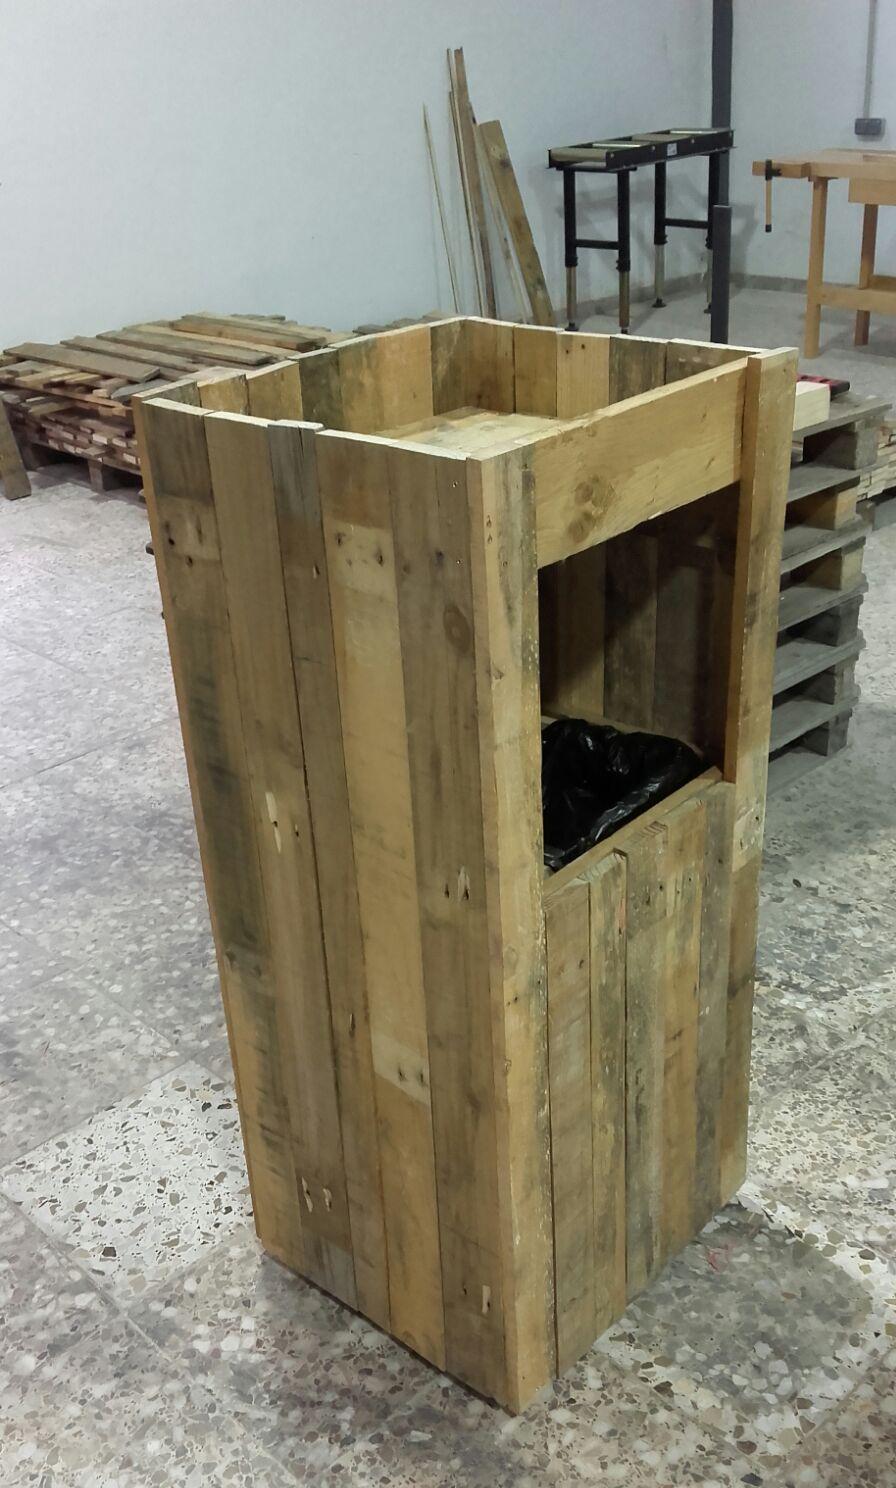 Apuesta en firme por el reciclaje de palets madera sostenible es un peri dico digital para la - Reciclaje de palets de madera ...